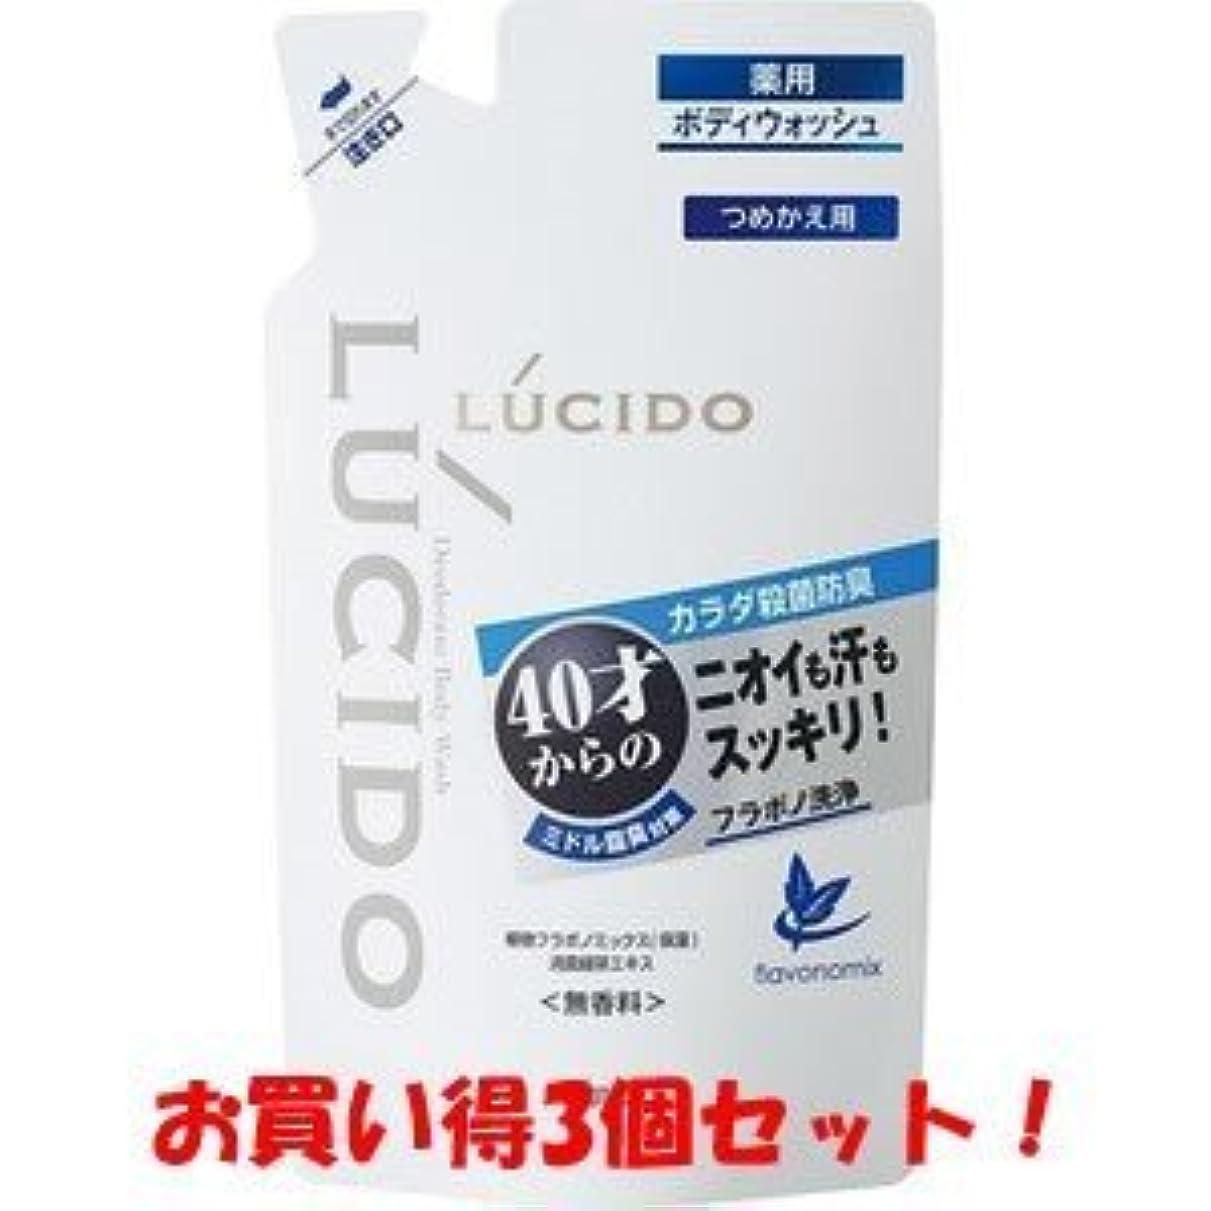 策定する中絶対処【LUCIDO】ルシード 薬用デオドラントボディウォッシュ つめかえ用 380ml(医薬部外品)(お買い得3個セット)